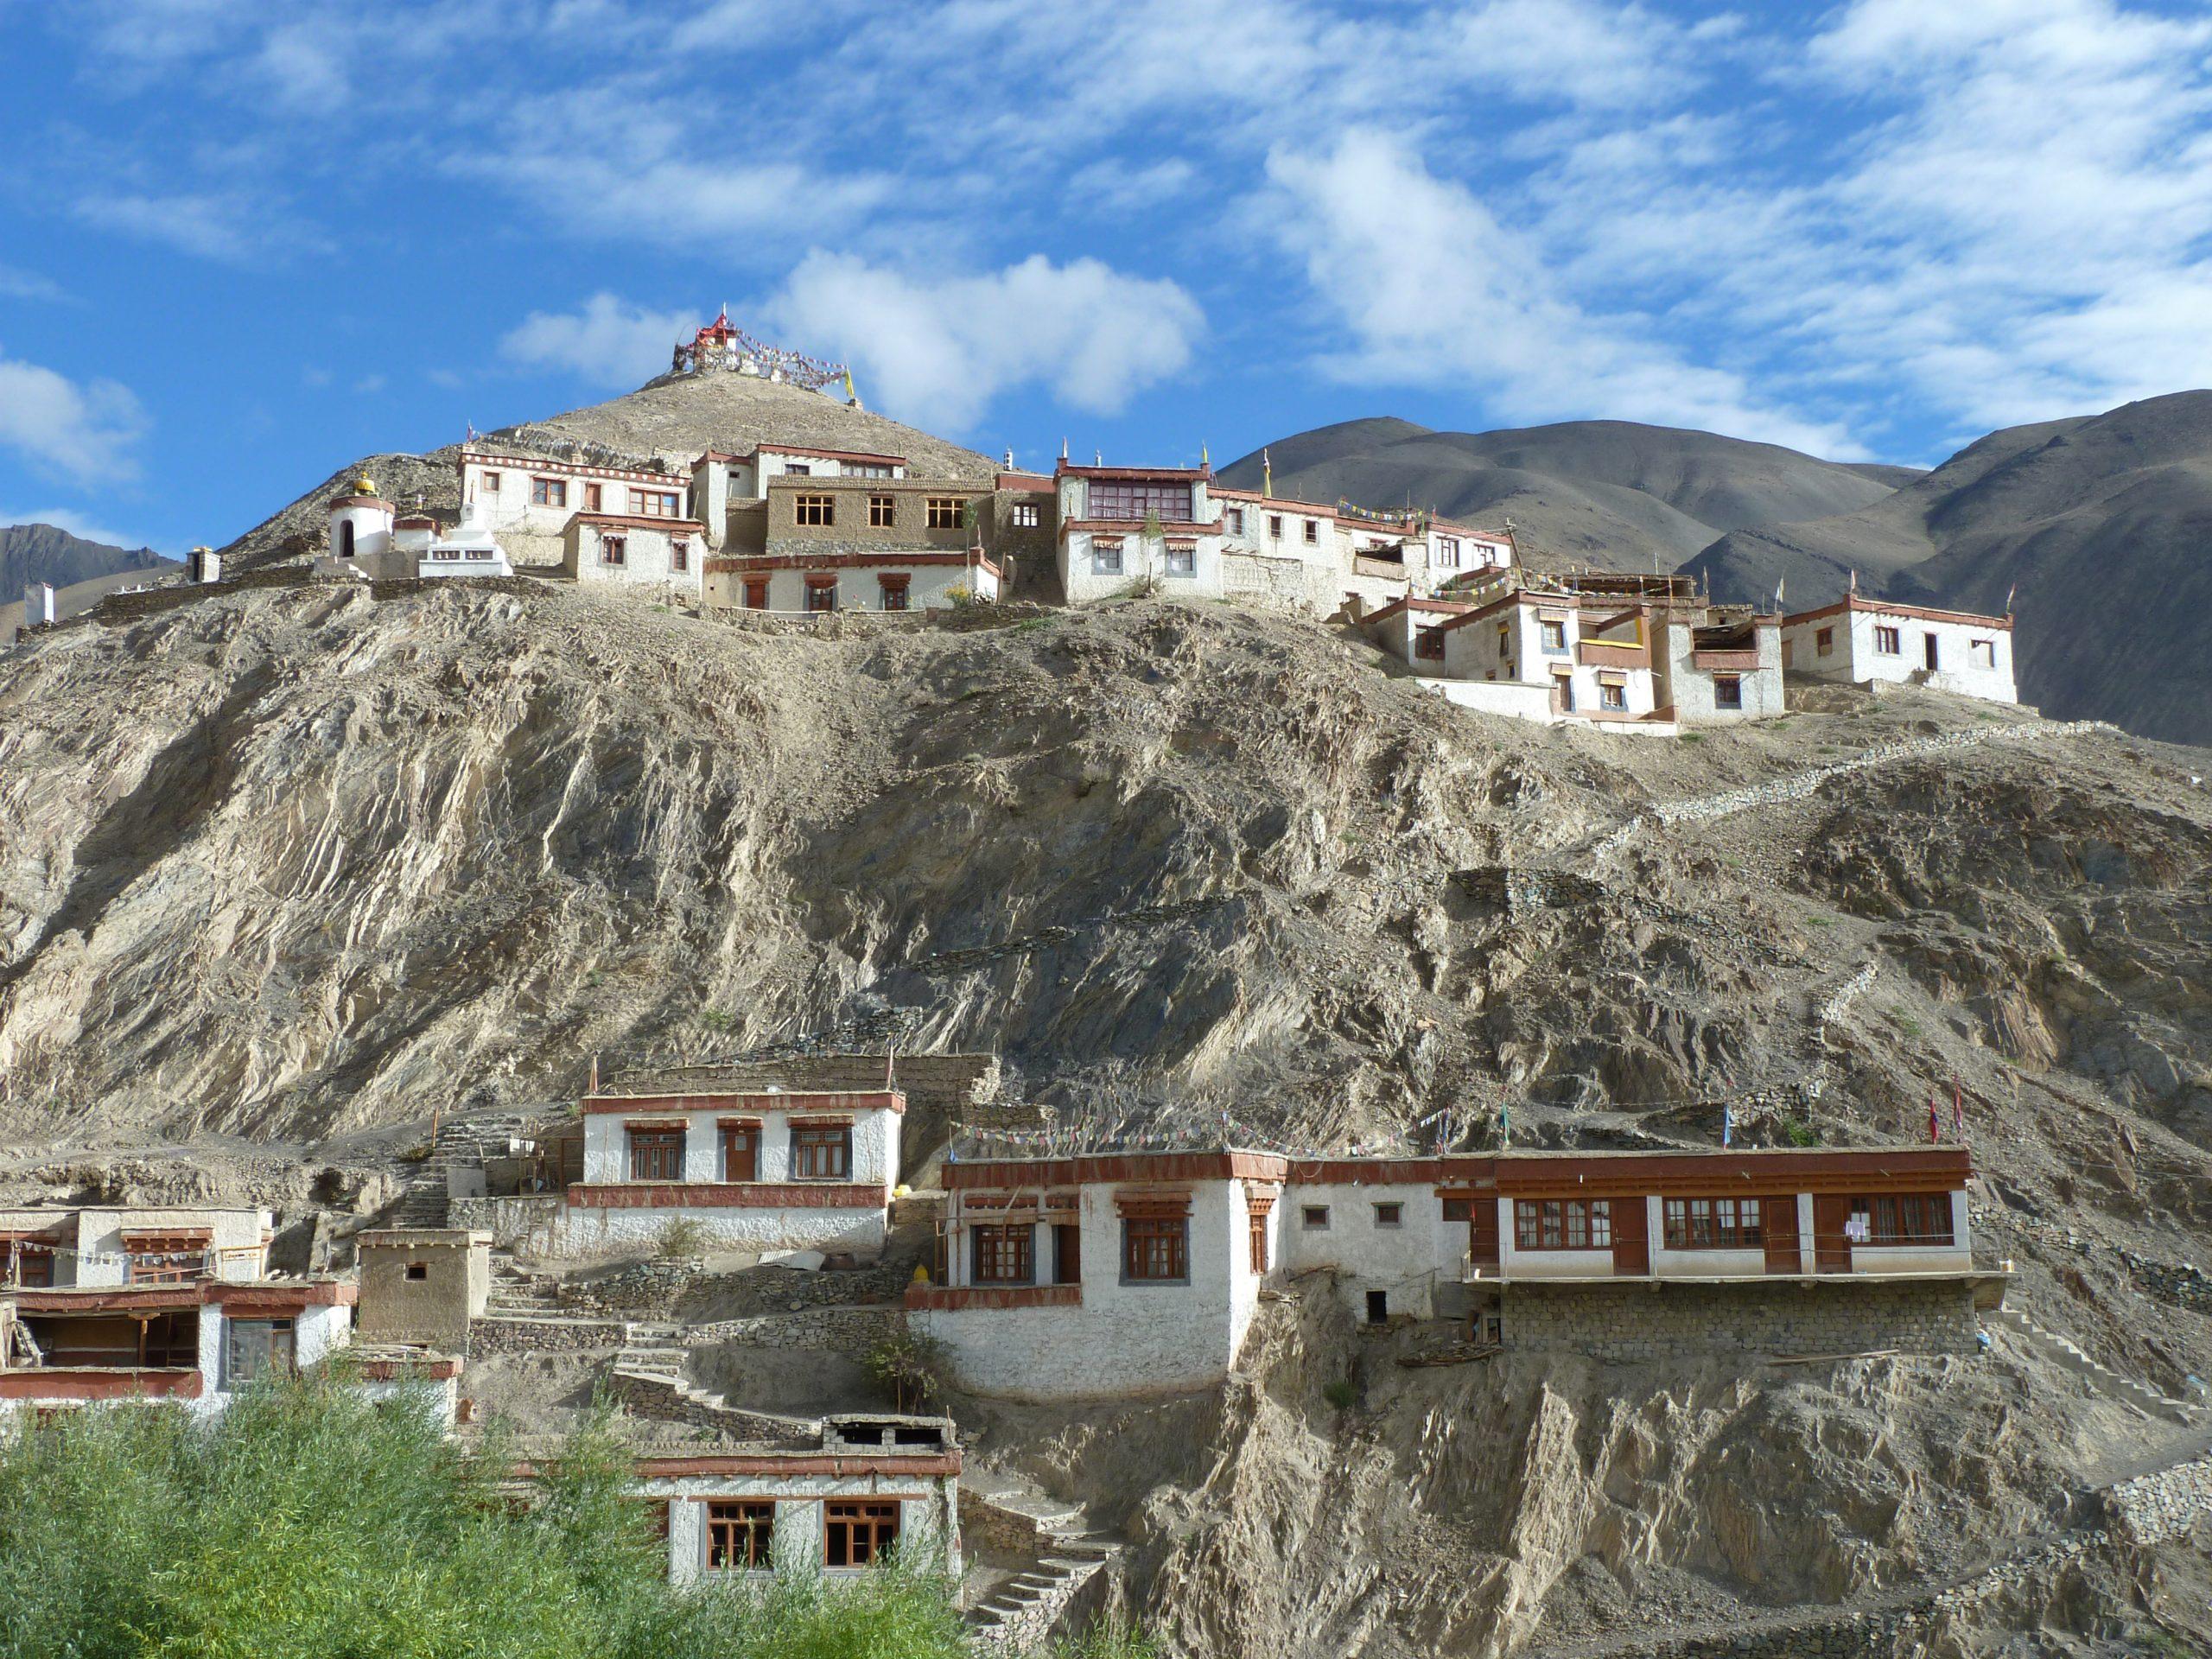 Radreise Ladakh 2012 - Kloster Lamayuru